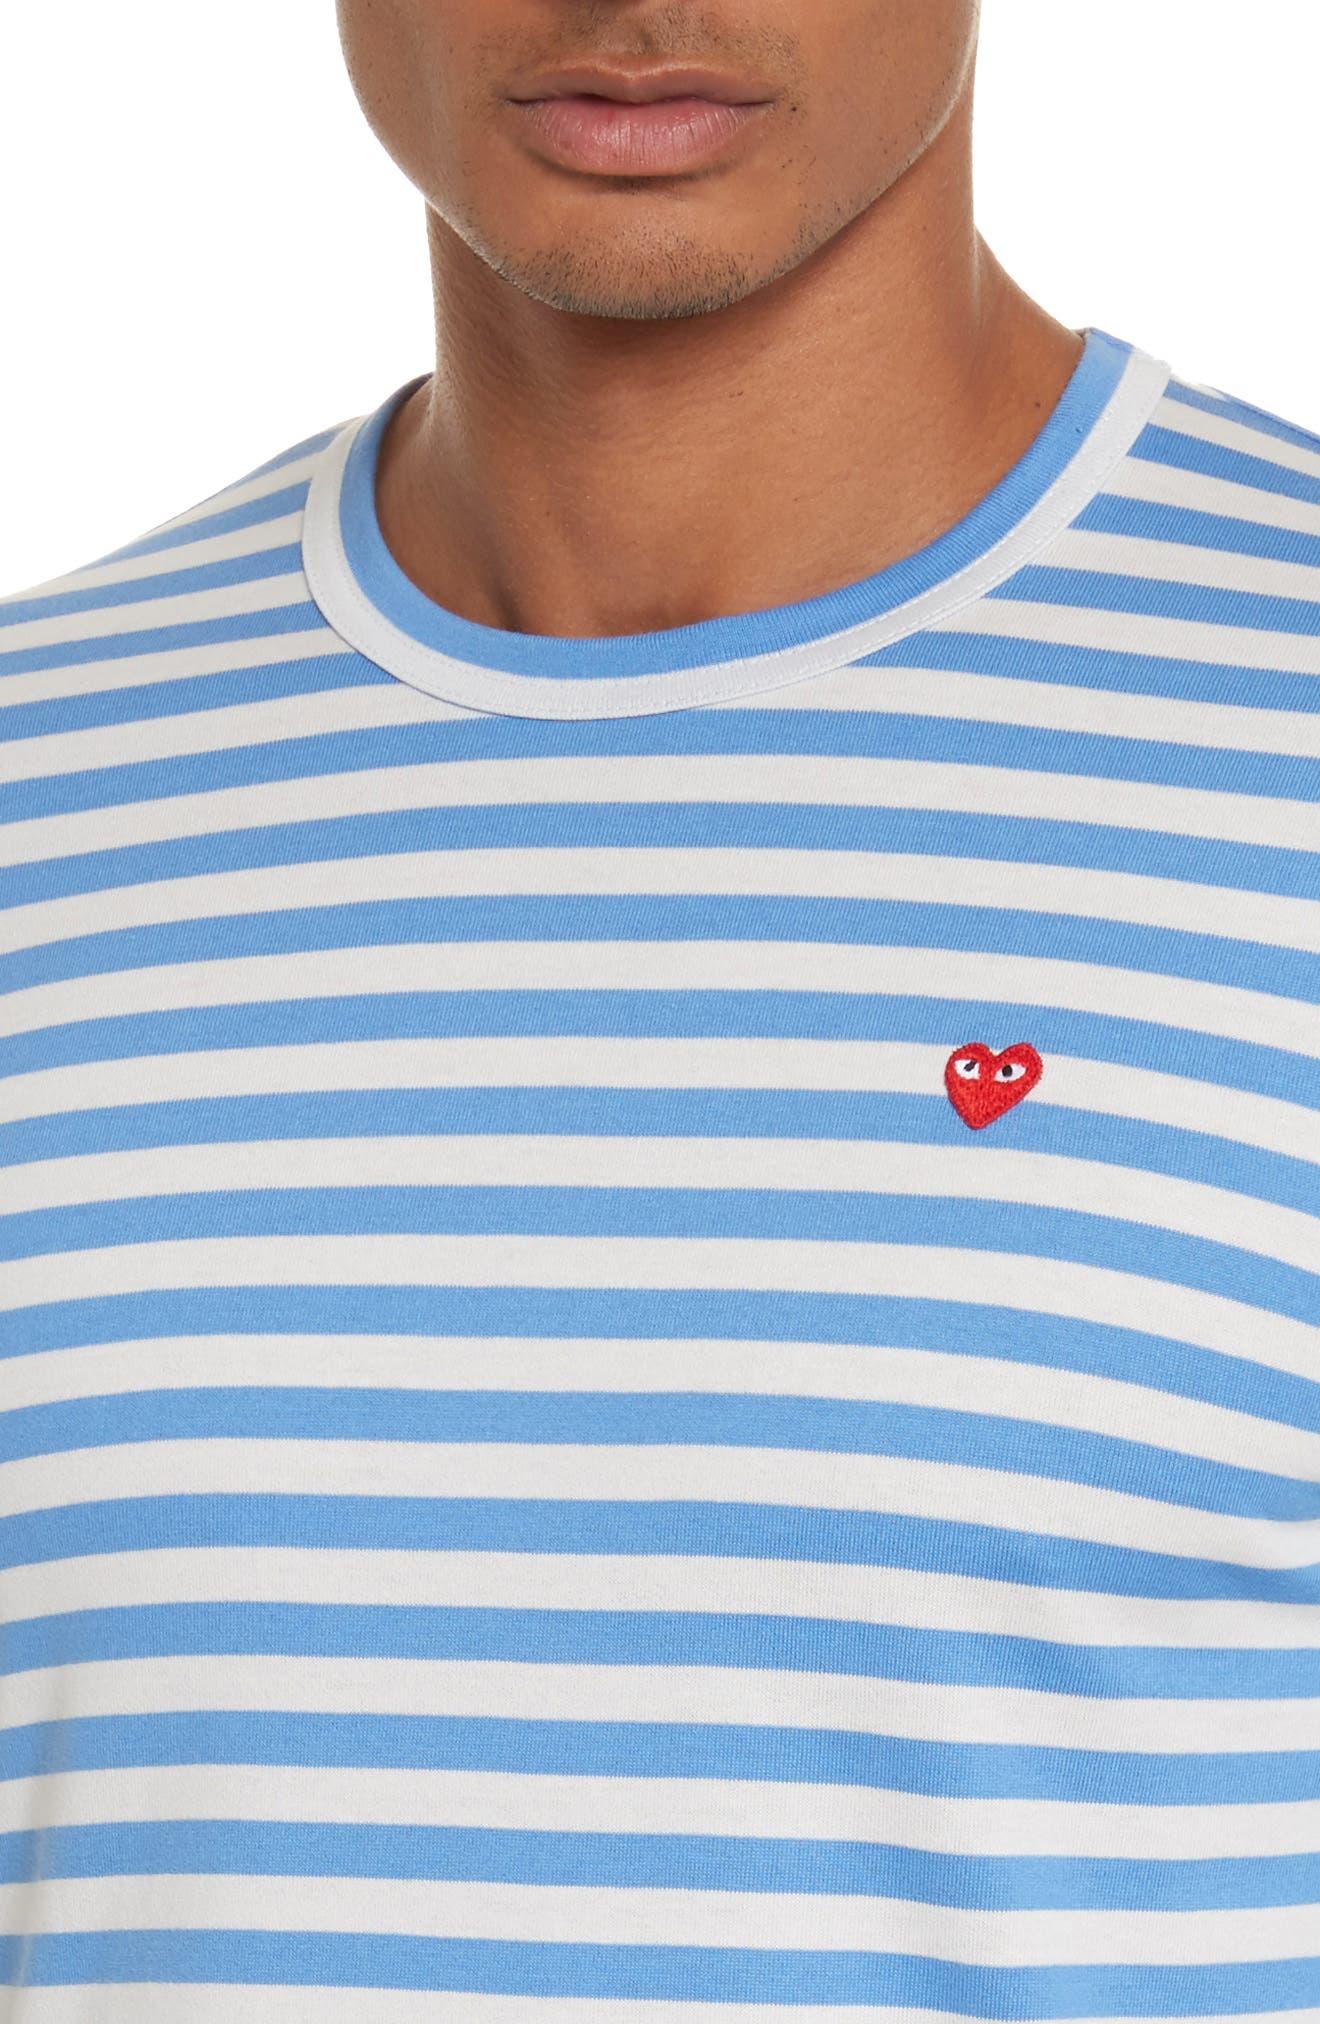 COMME DES GARÇONS PLAY, Long Sleeve Stripe Crewneck T-Shirt, Alternate thumbnail 4, color, 400